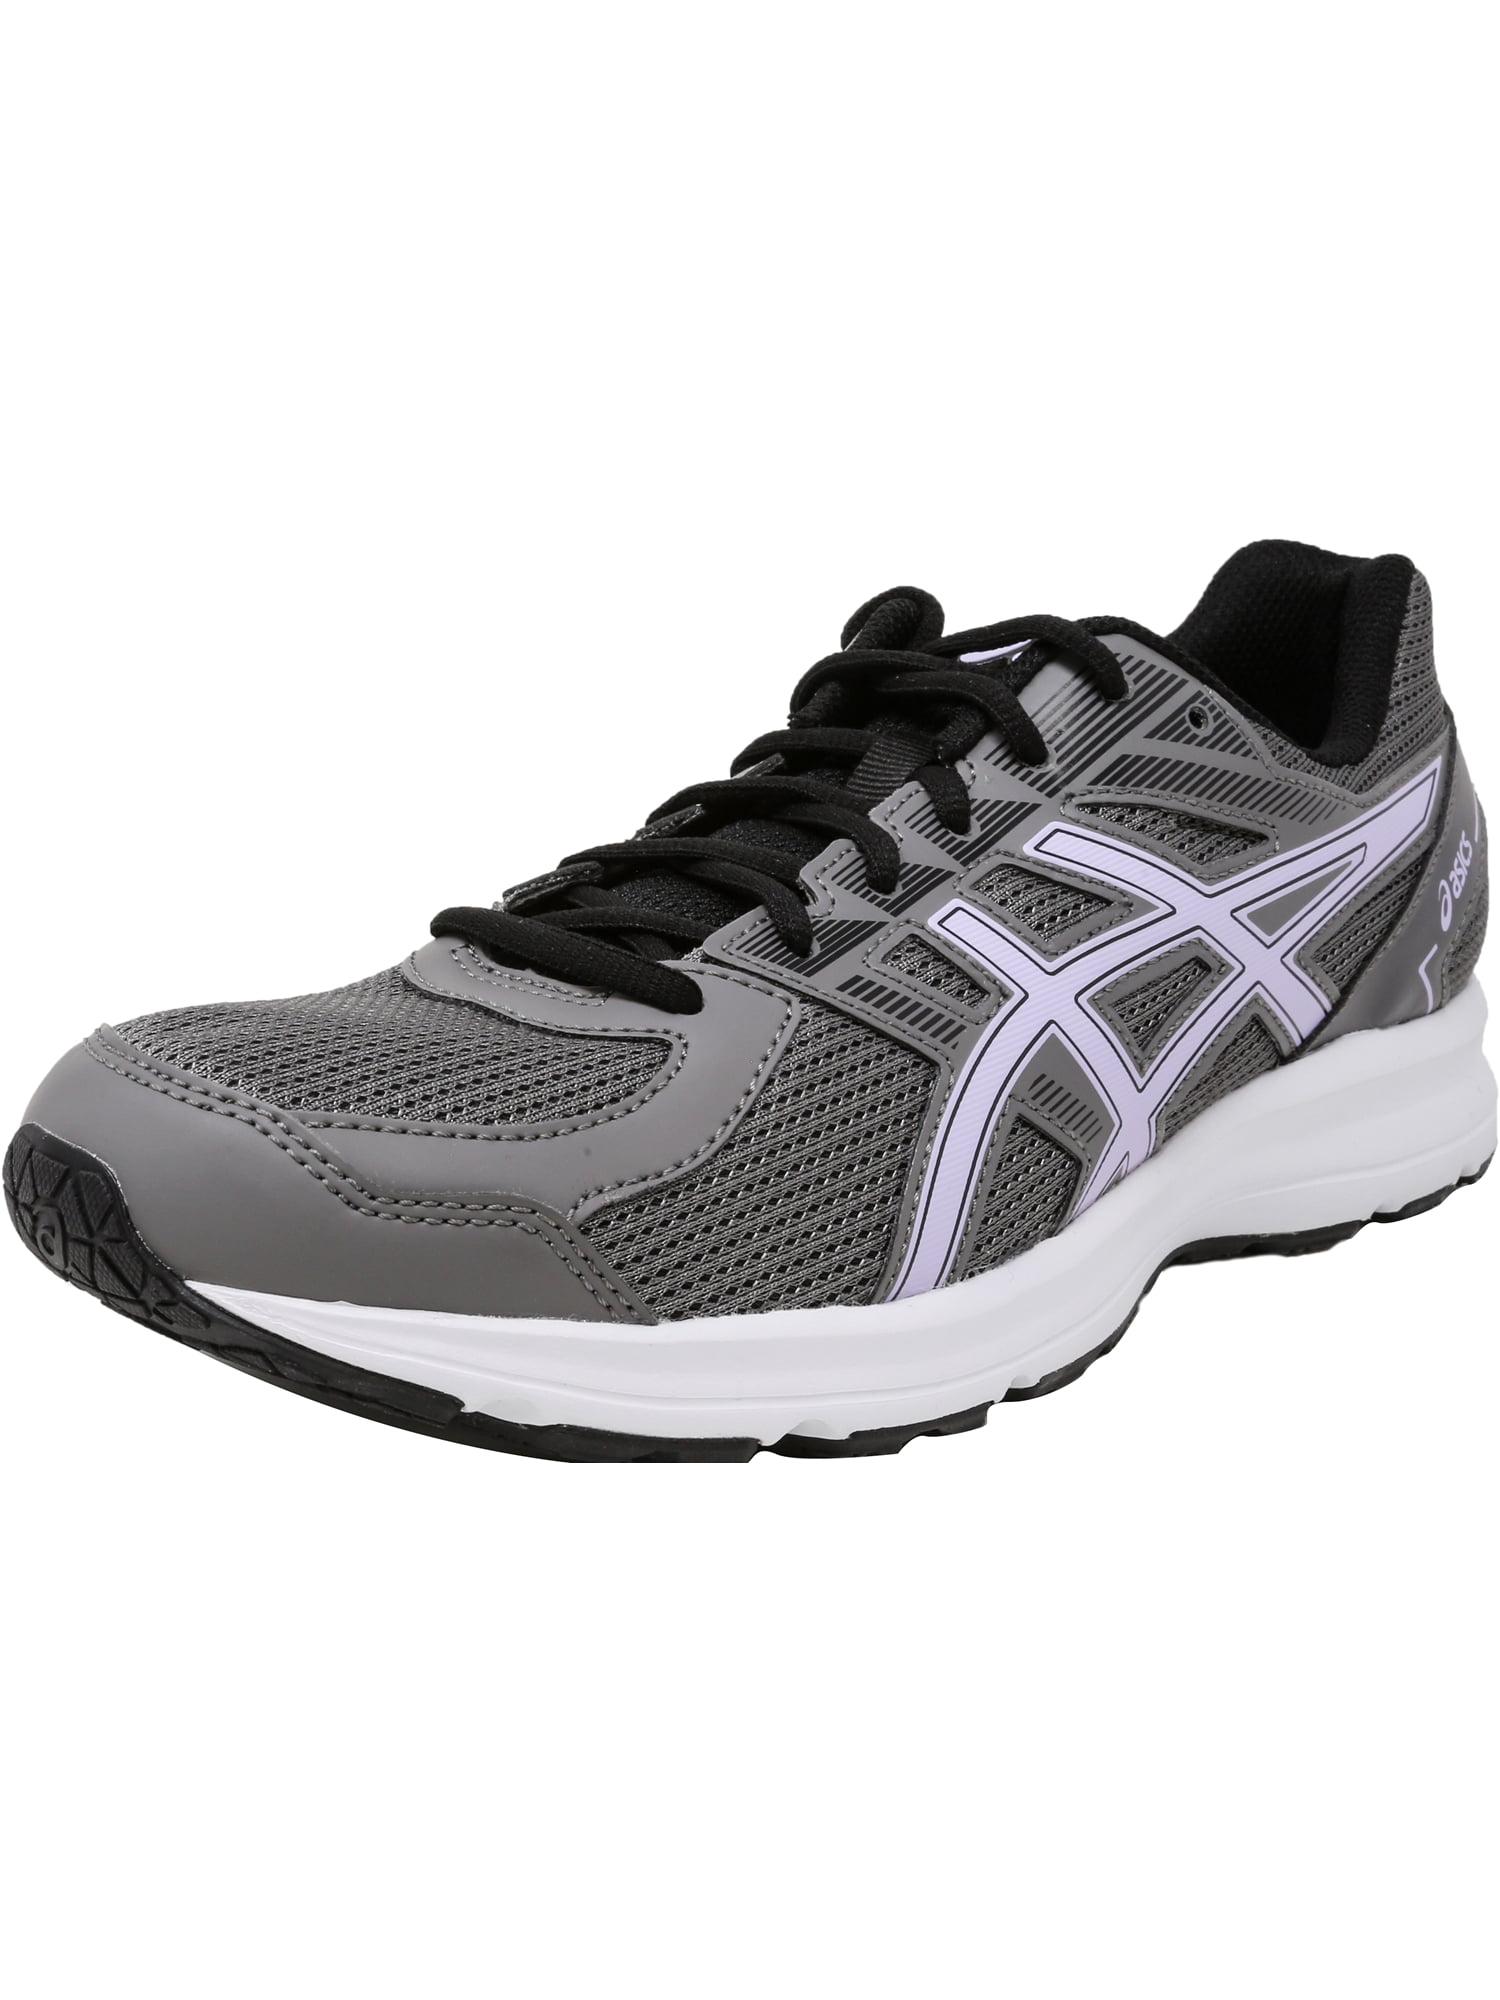 Asics Women's Jolt Carbon / Murasaki Ankle-High Running Shoe - 6M